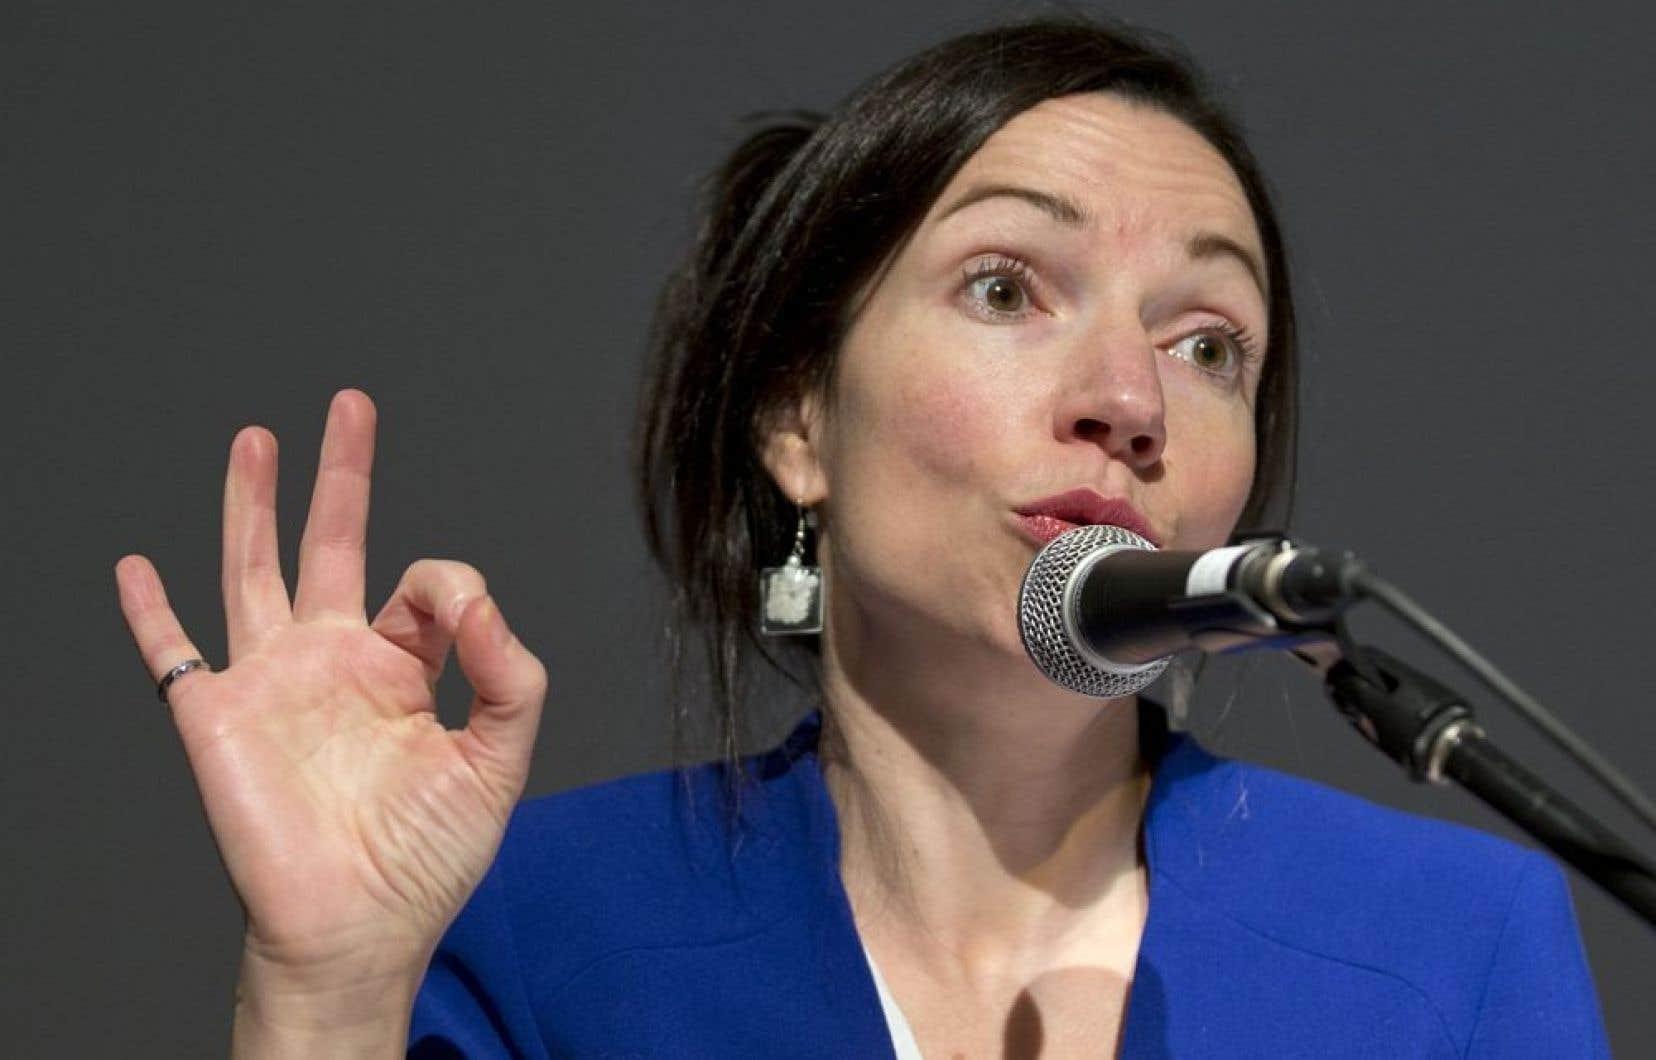 <p>La ministre des Ressources naturelles, Martine Ouellet, dont le projet de r&eacute;forme avait &eacute;t&eacute; critiqu&eacute; tant par l&rsquo;opposition que par le lobby minier, s&rsquo;est dite d&eacute;&ccedil;ue de l&rsquo;attitude de l&rsquo;opposition.</p>